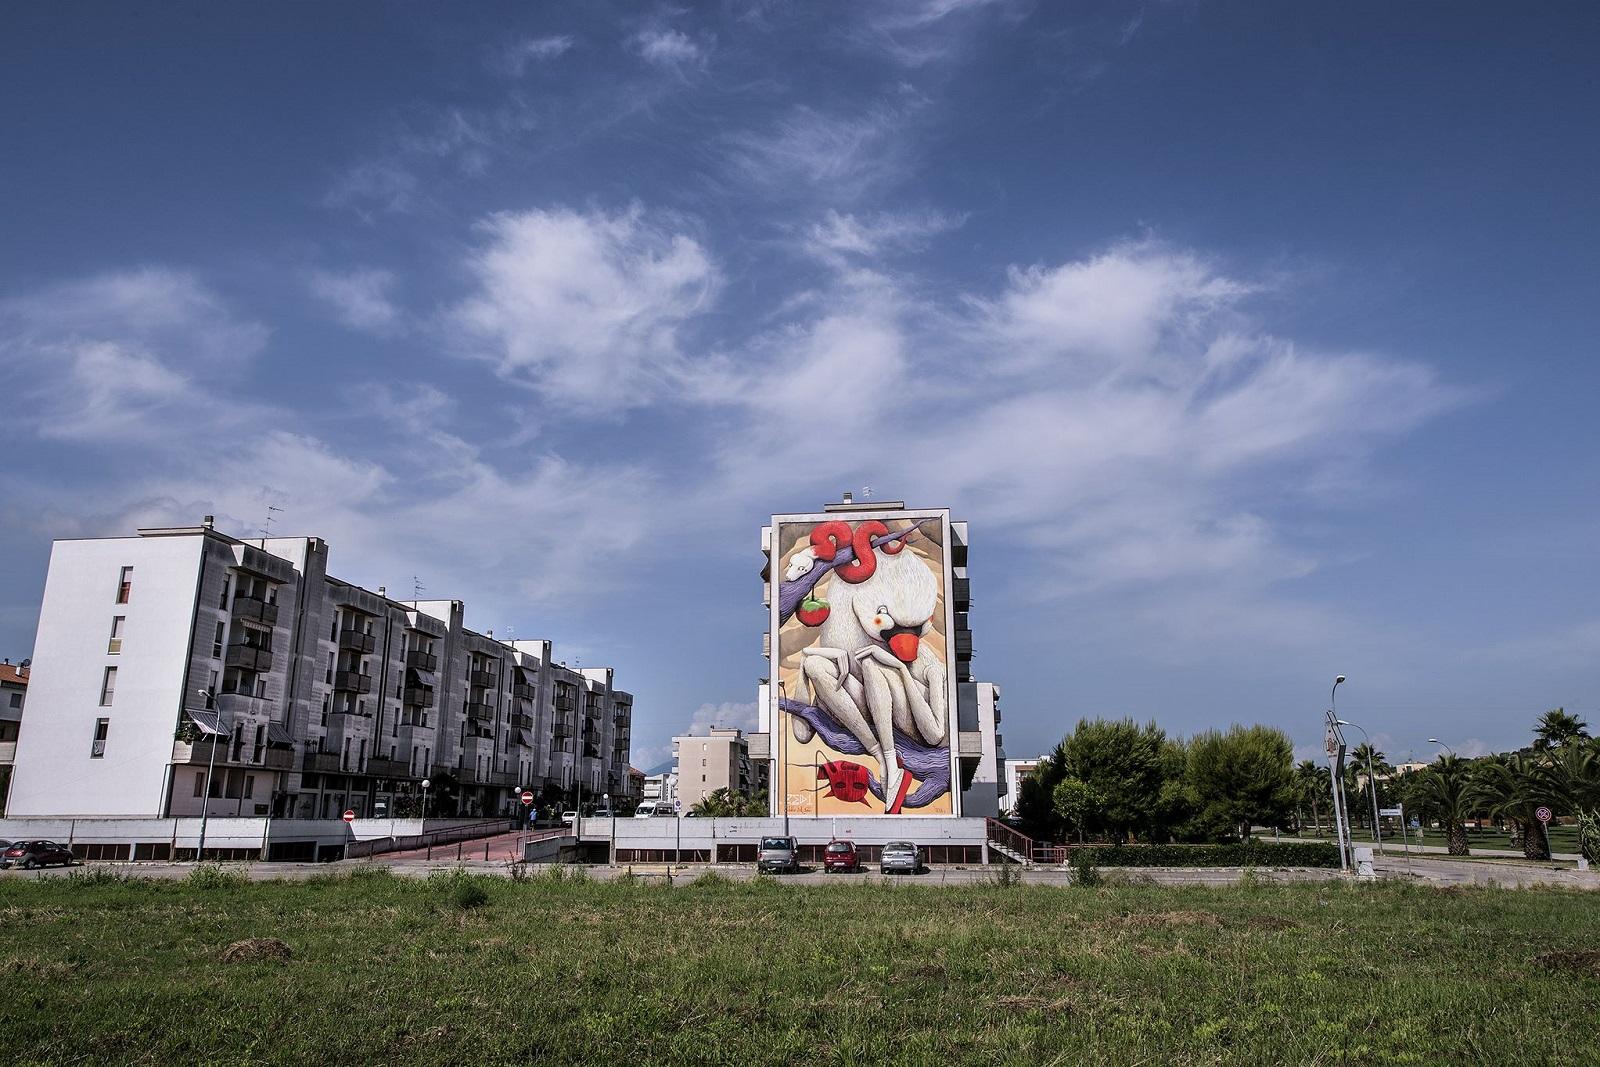 zed1-i-dubbi-dellanimo-a-new-mural-06